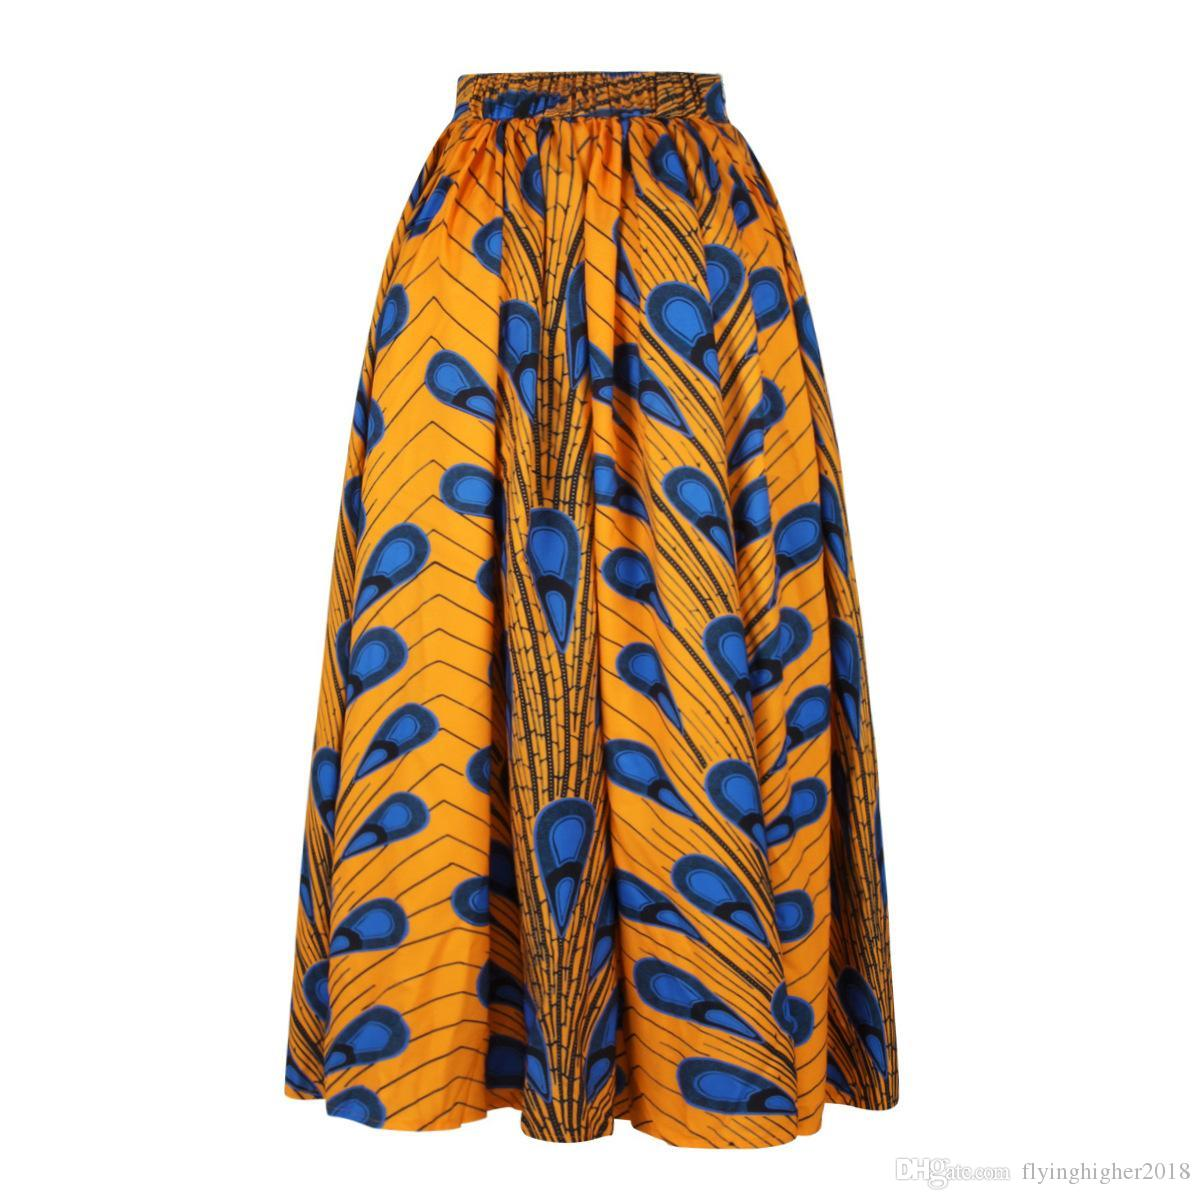 공작 패턴 하이 웨스트 브라질 퍼프 캐주얼 라인 볼 가운 꽃 아프리카 인쇄 맥시 플레어 스커트